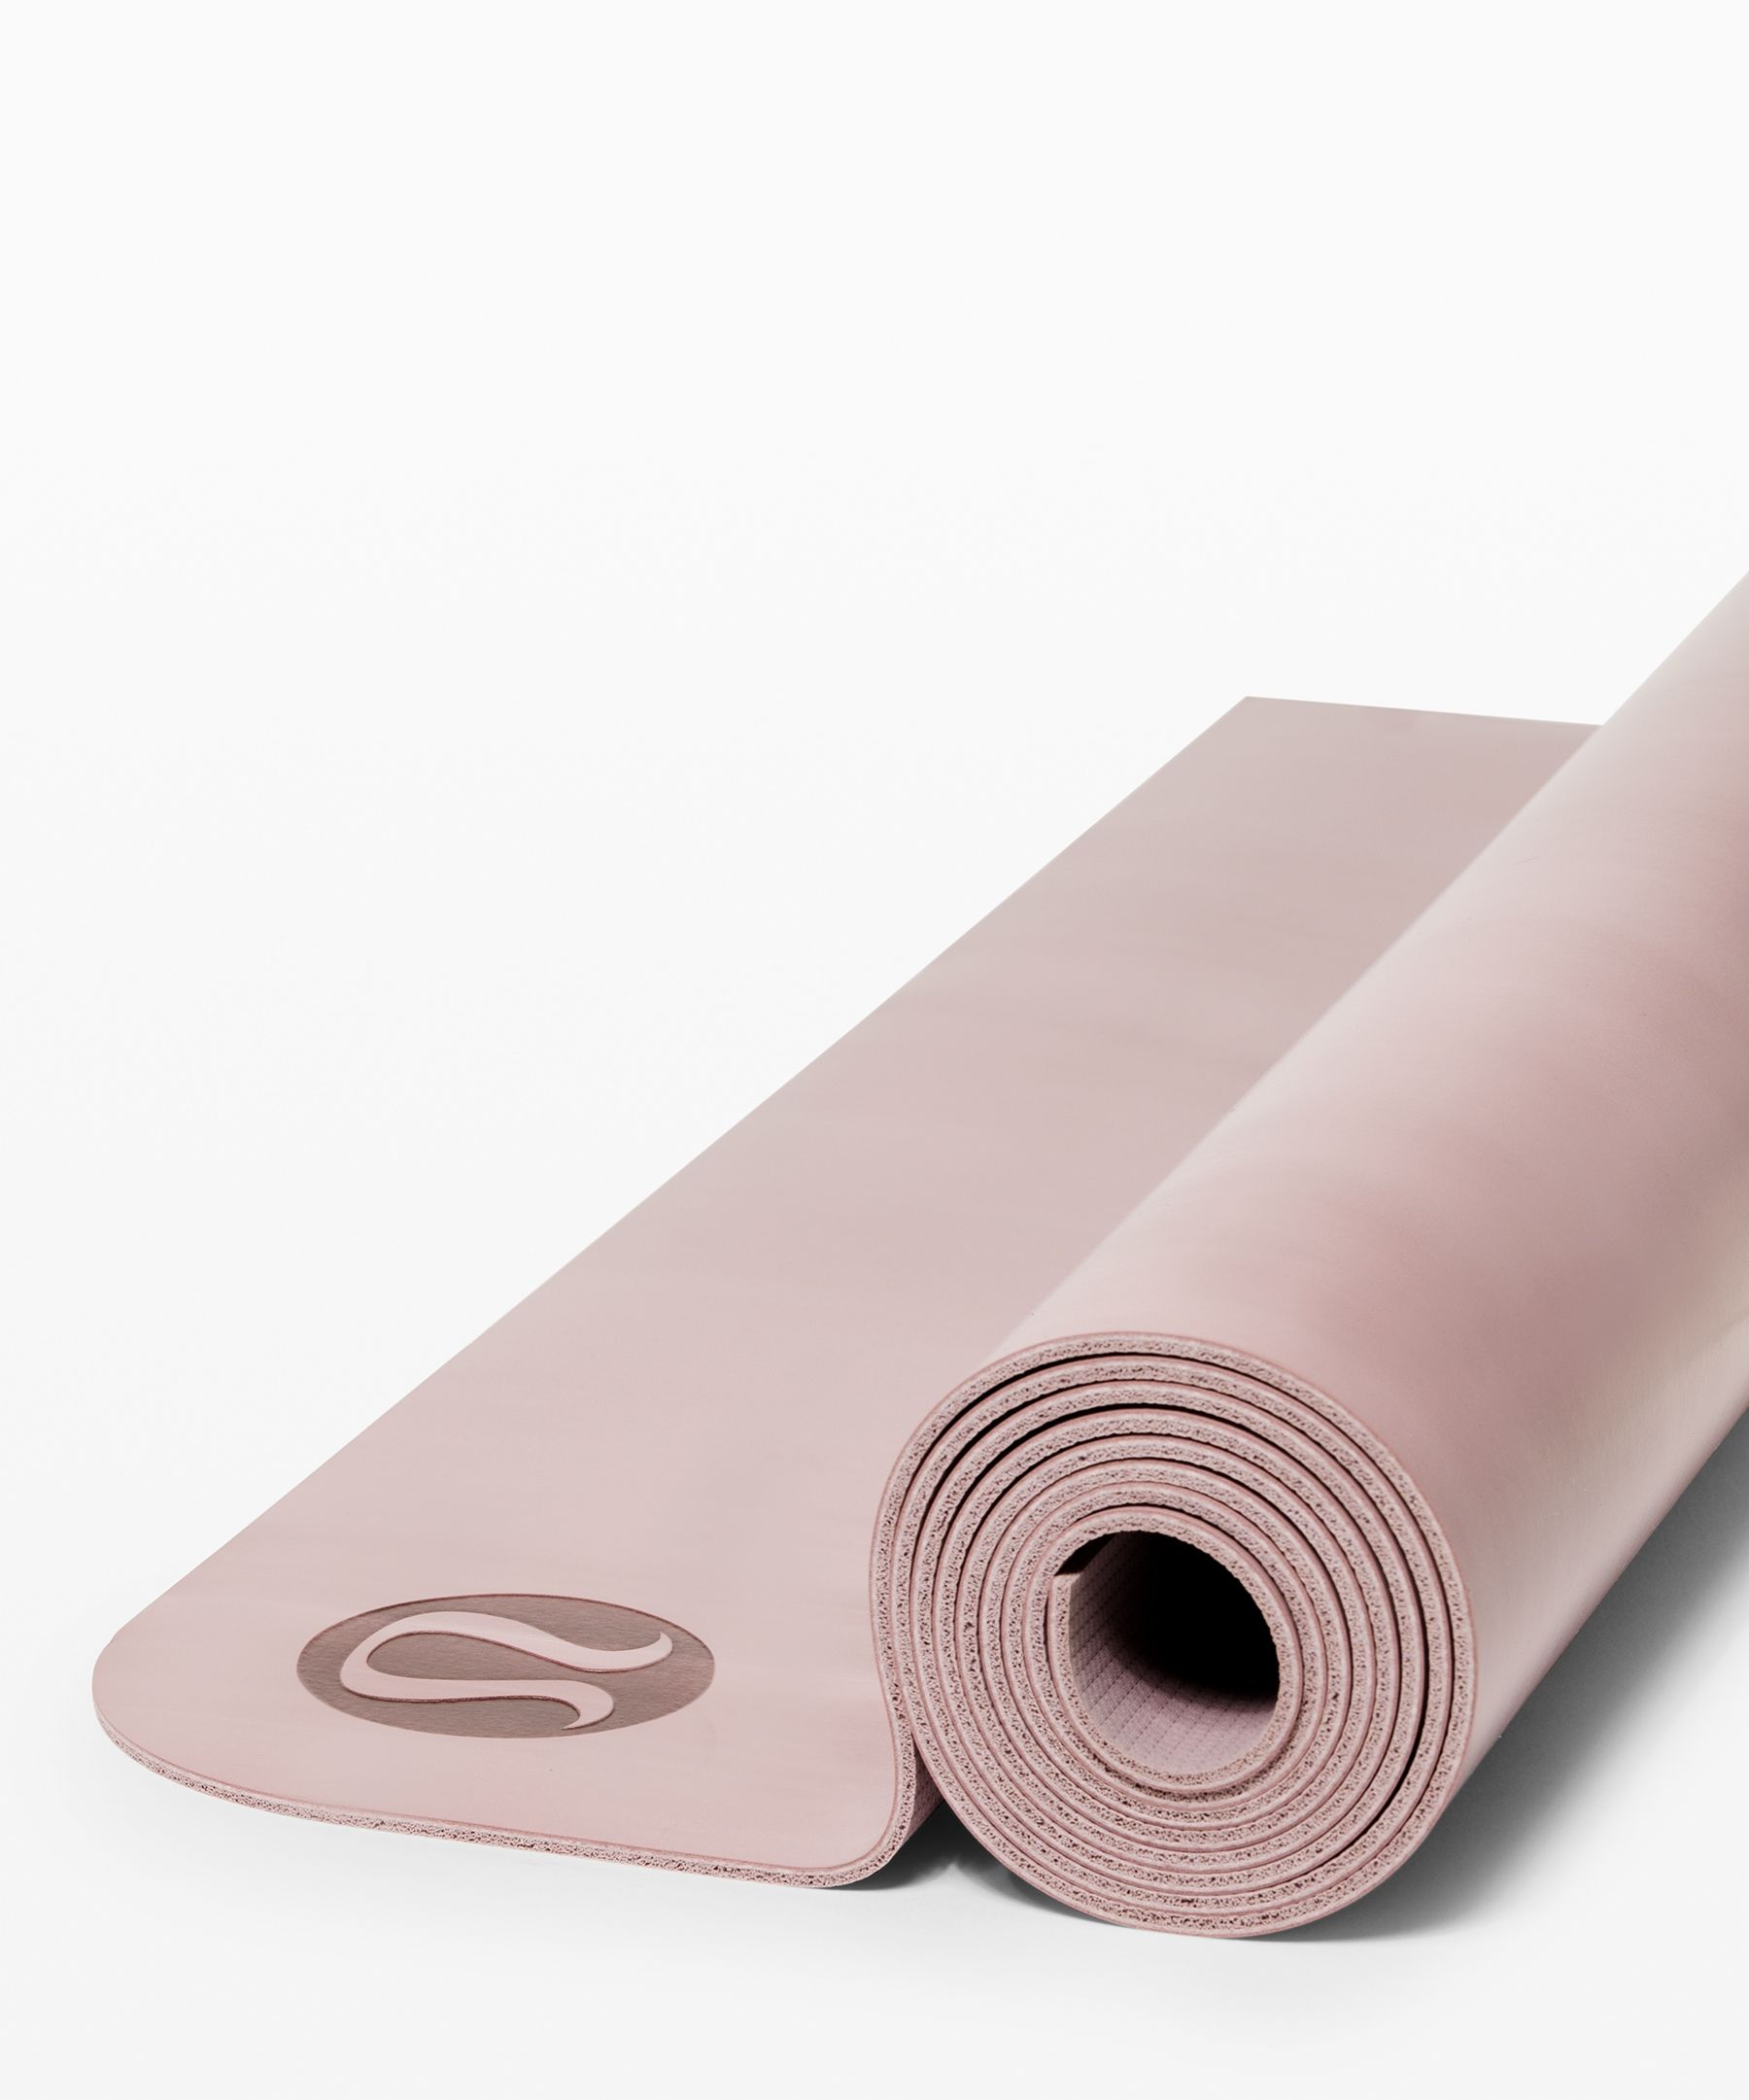 The Reversible Mat 5mm Women S Yoga Mats Lululemon Lululemon Yoga Mat Yoga Mats Best Yoga Mat